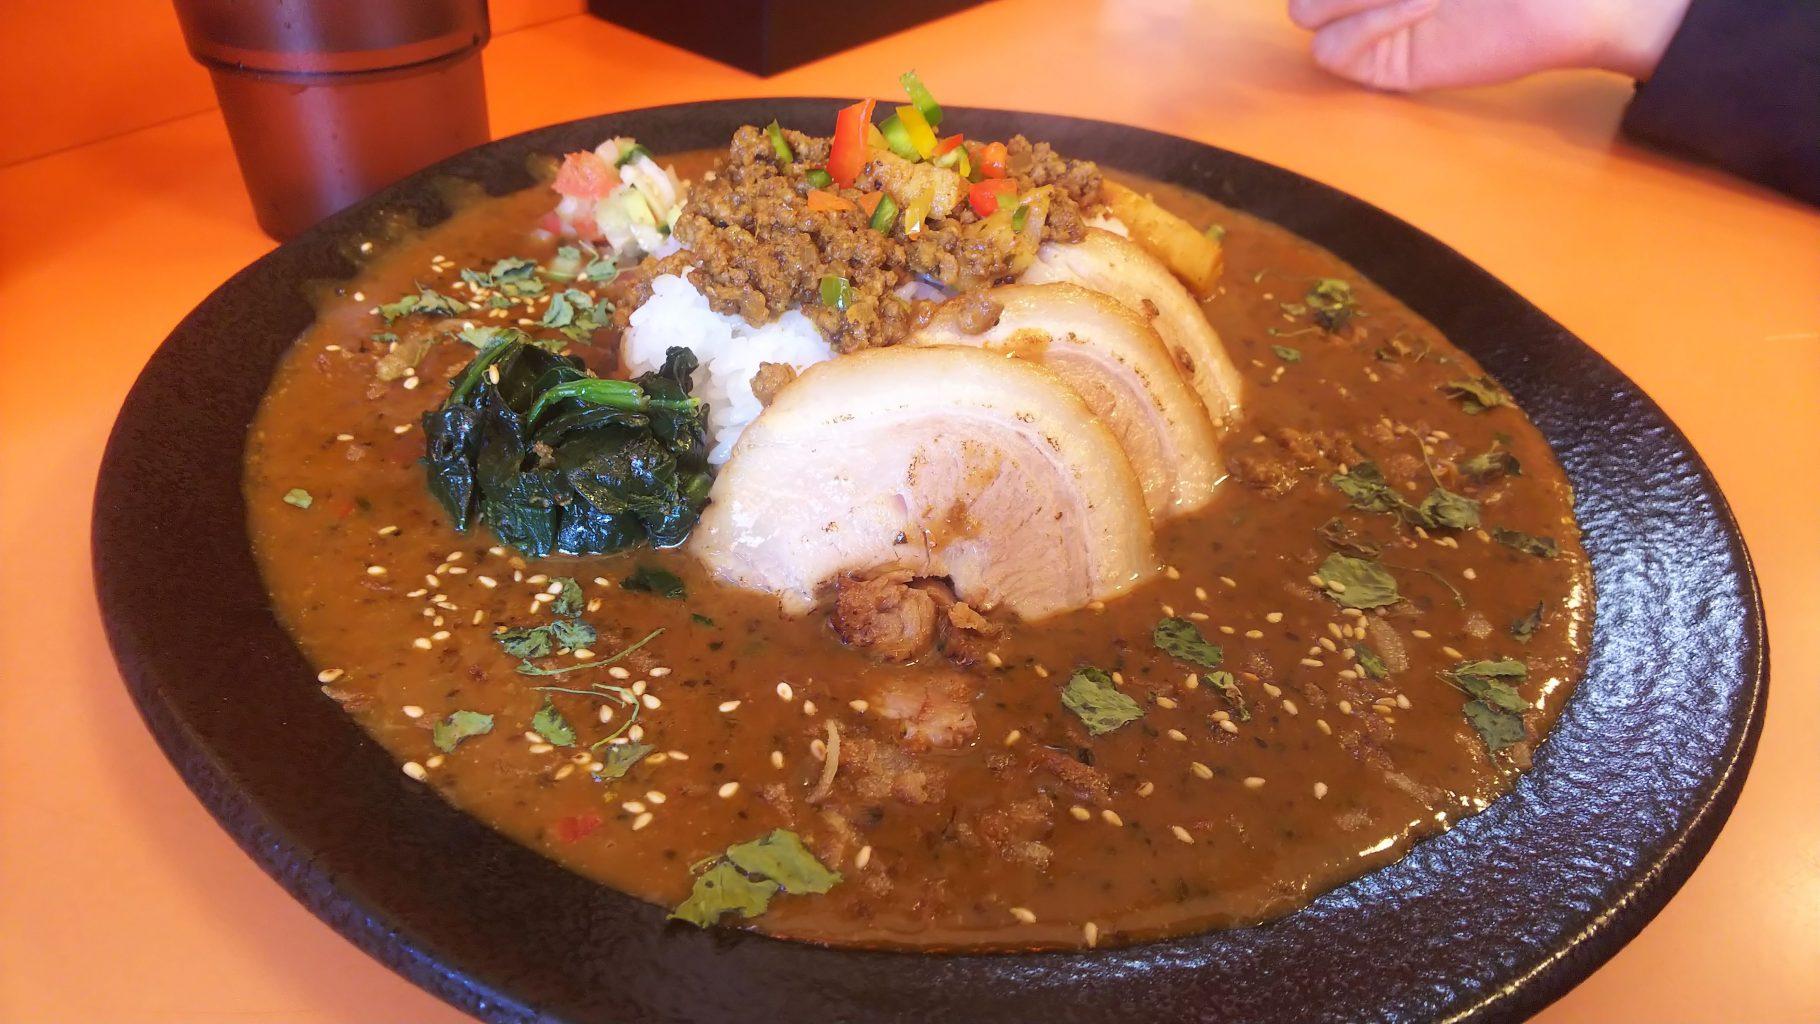 カレー魂 デストロイヤー | 「令和」の初スープカレーは5/1オープンの店 4